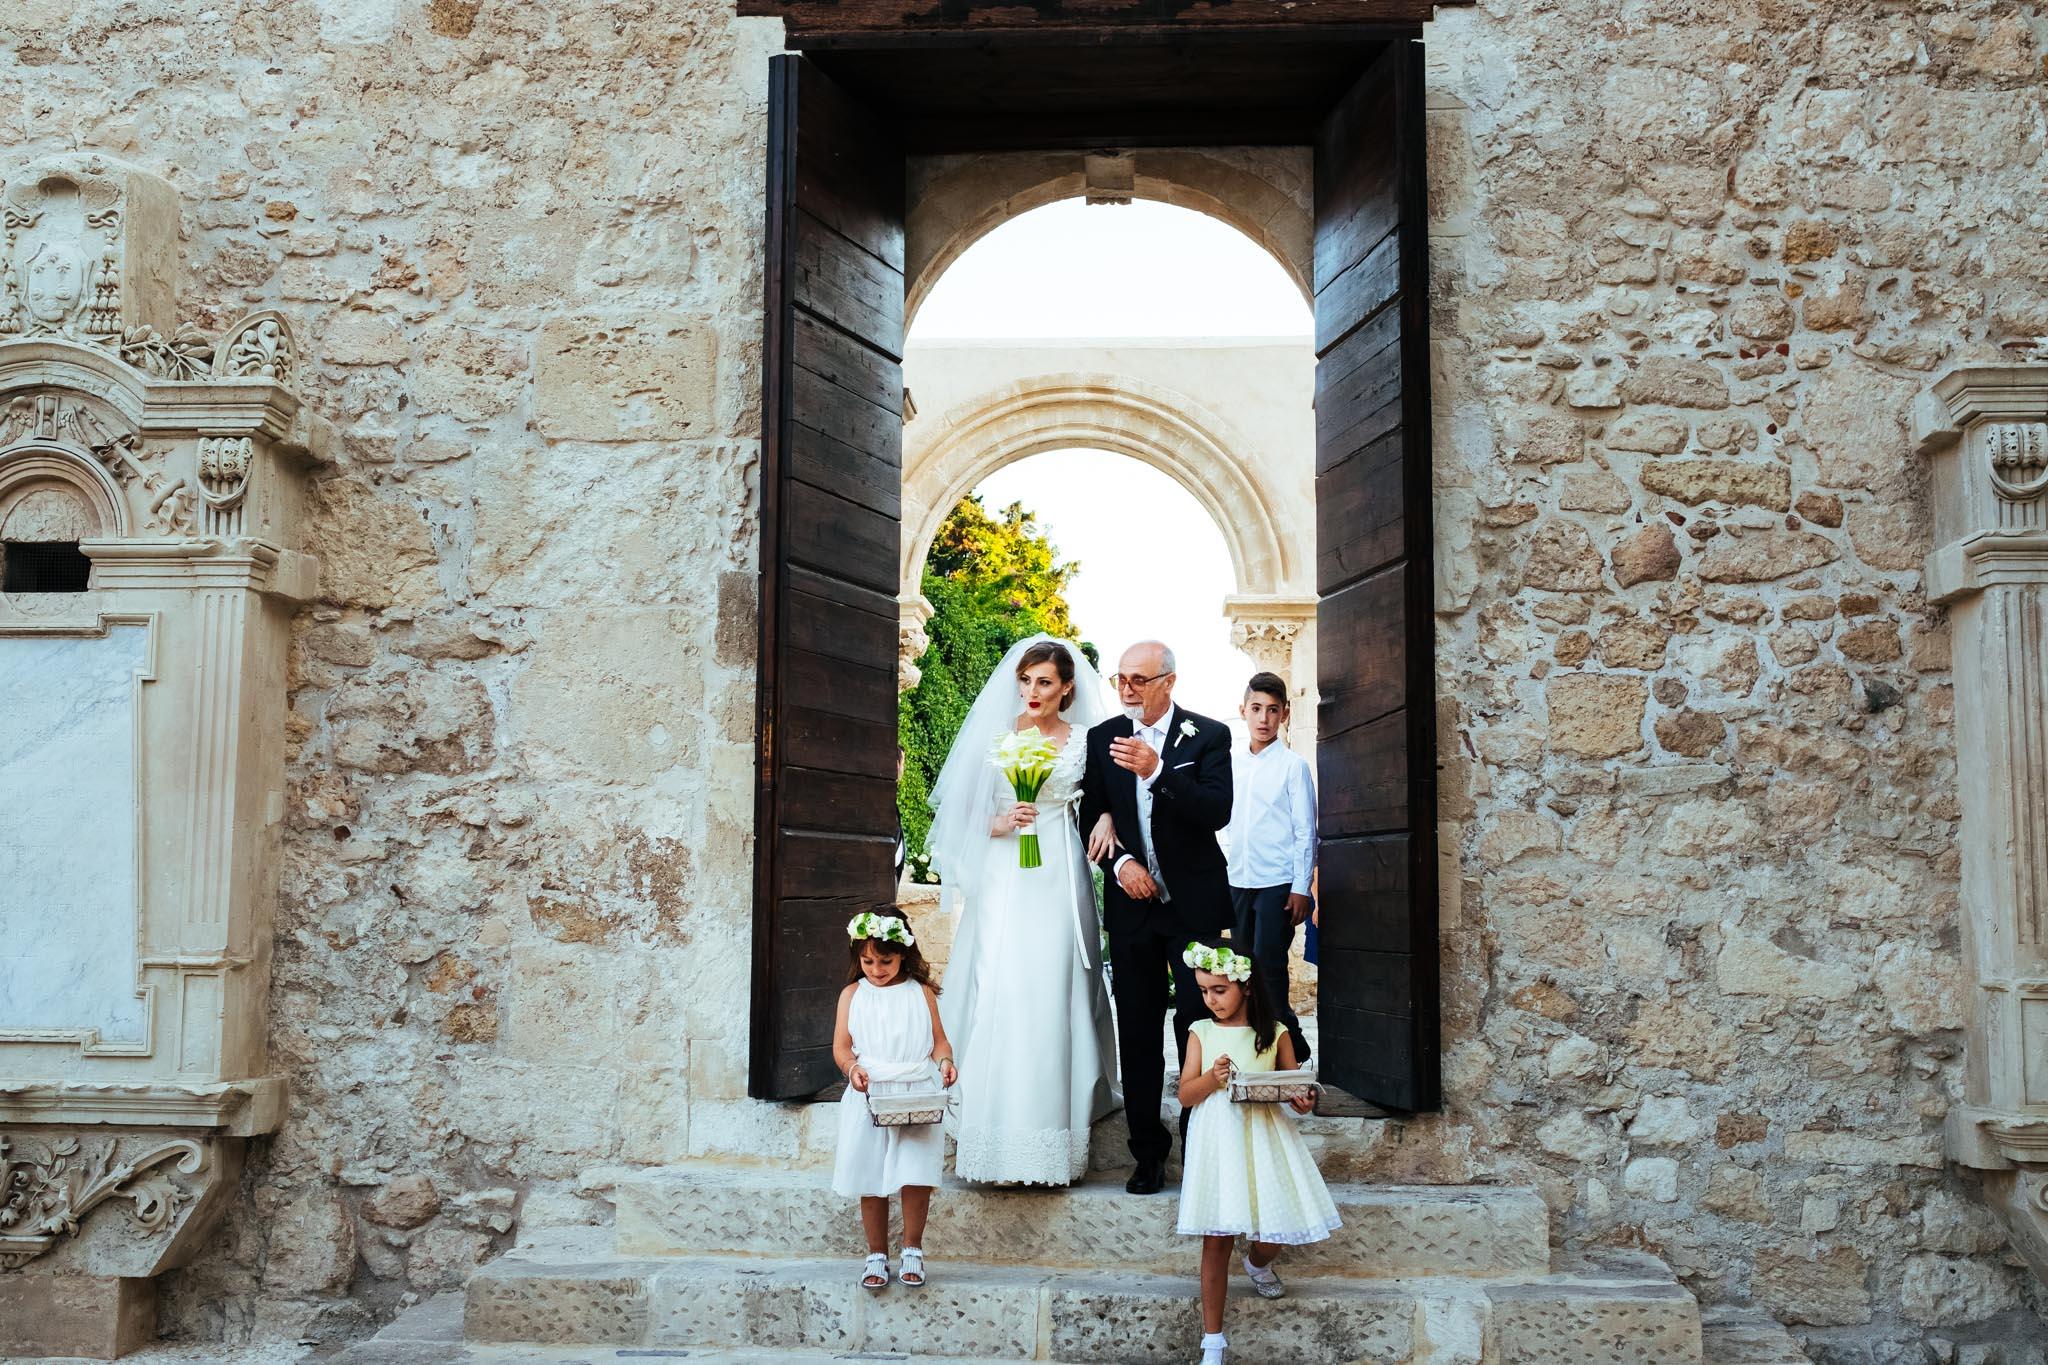 wedding-in-SYRACUSE-32.jpg